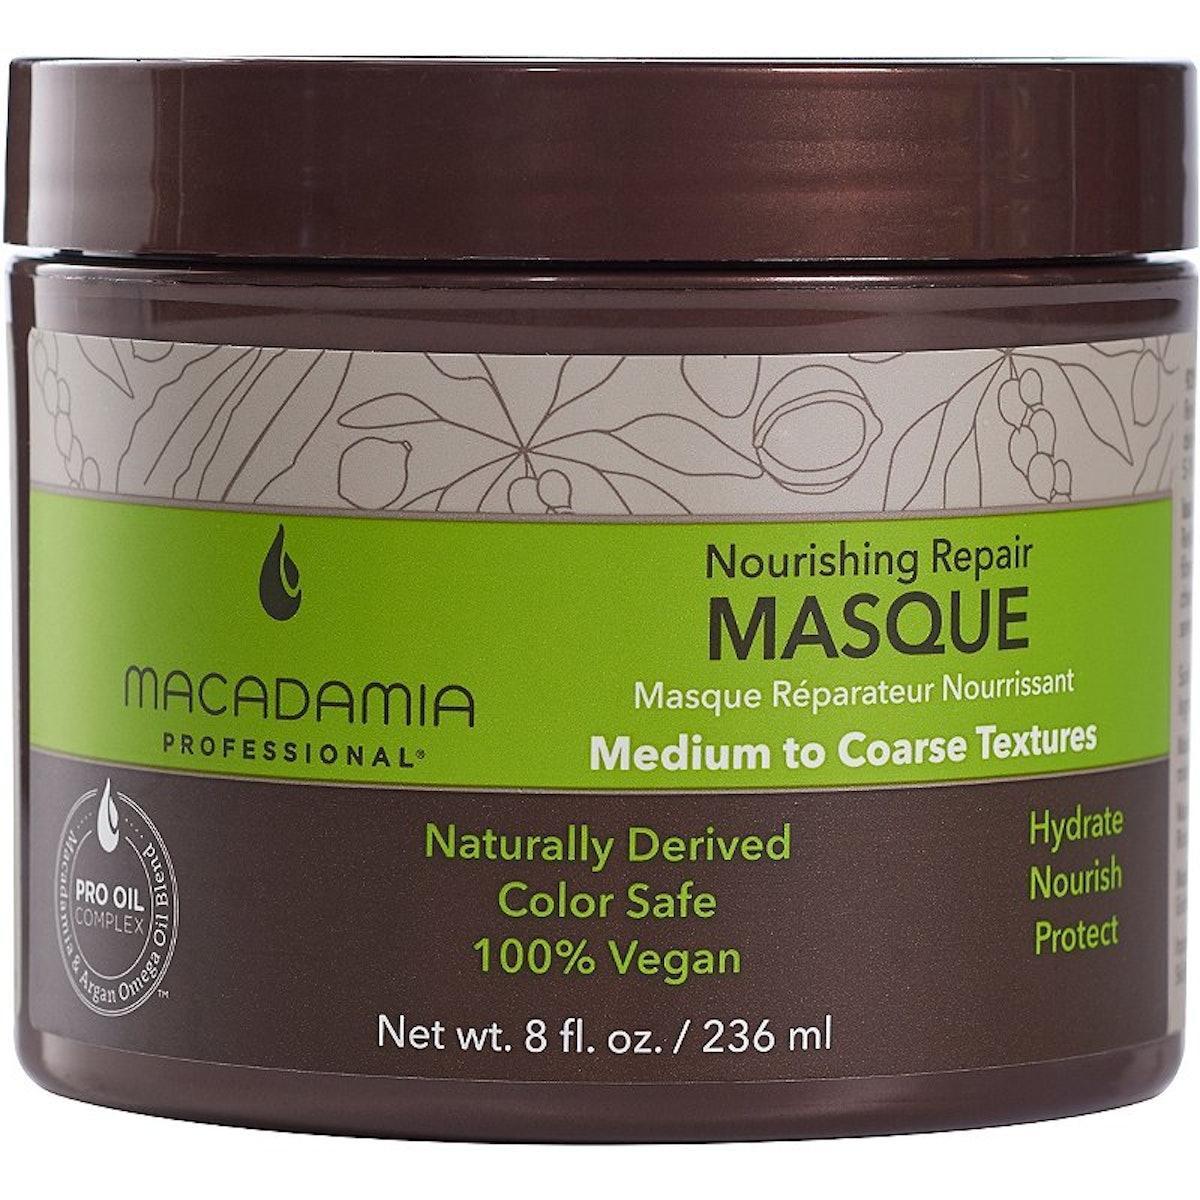 Nourishing Repair Masque